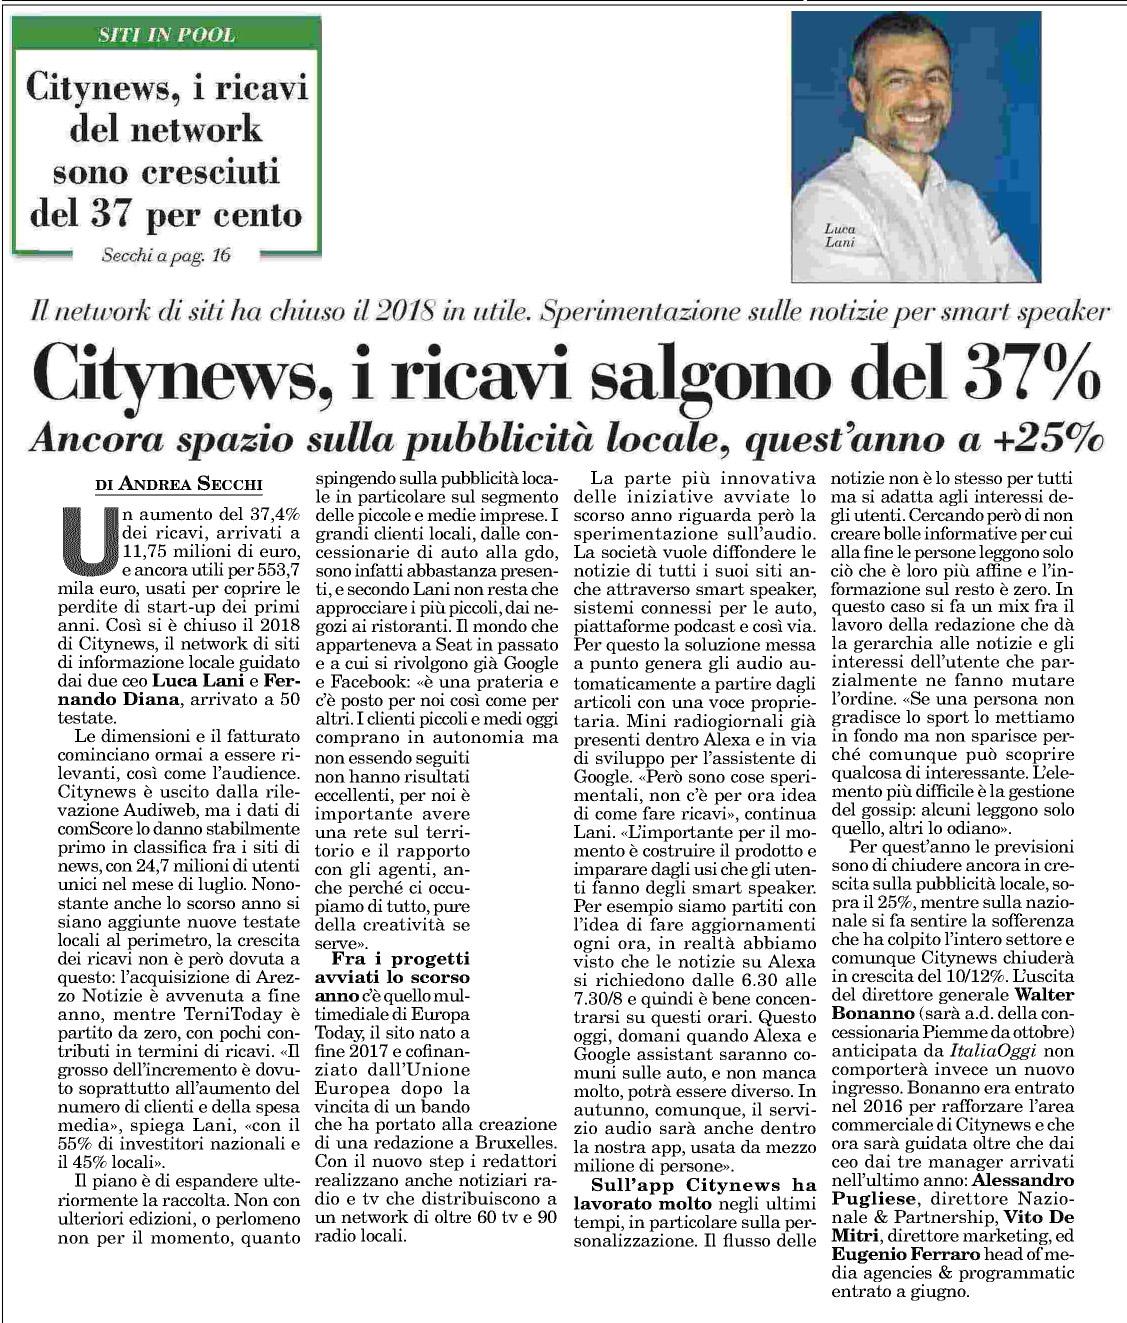 Intervista_Lani_ItaliaOggi_06-09-2019_Rassegna Stampa-3